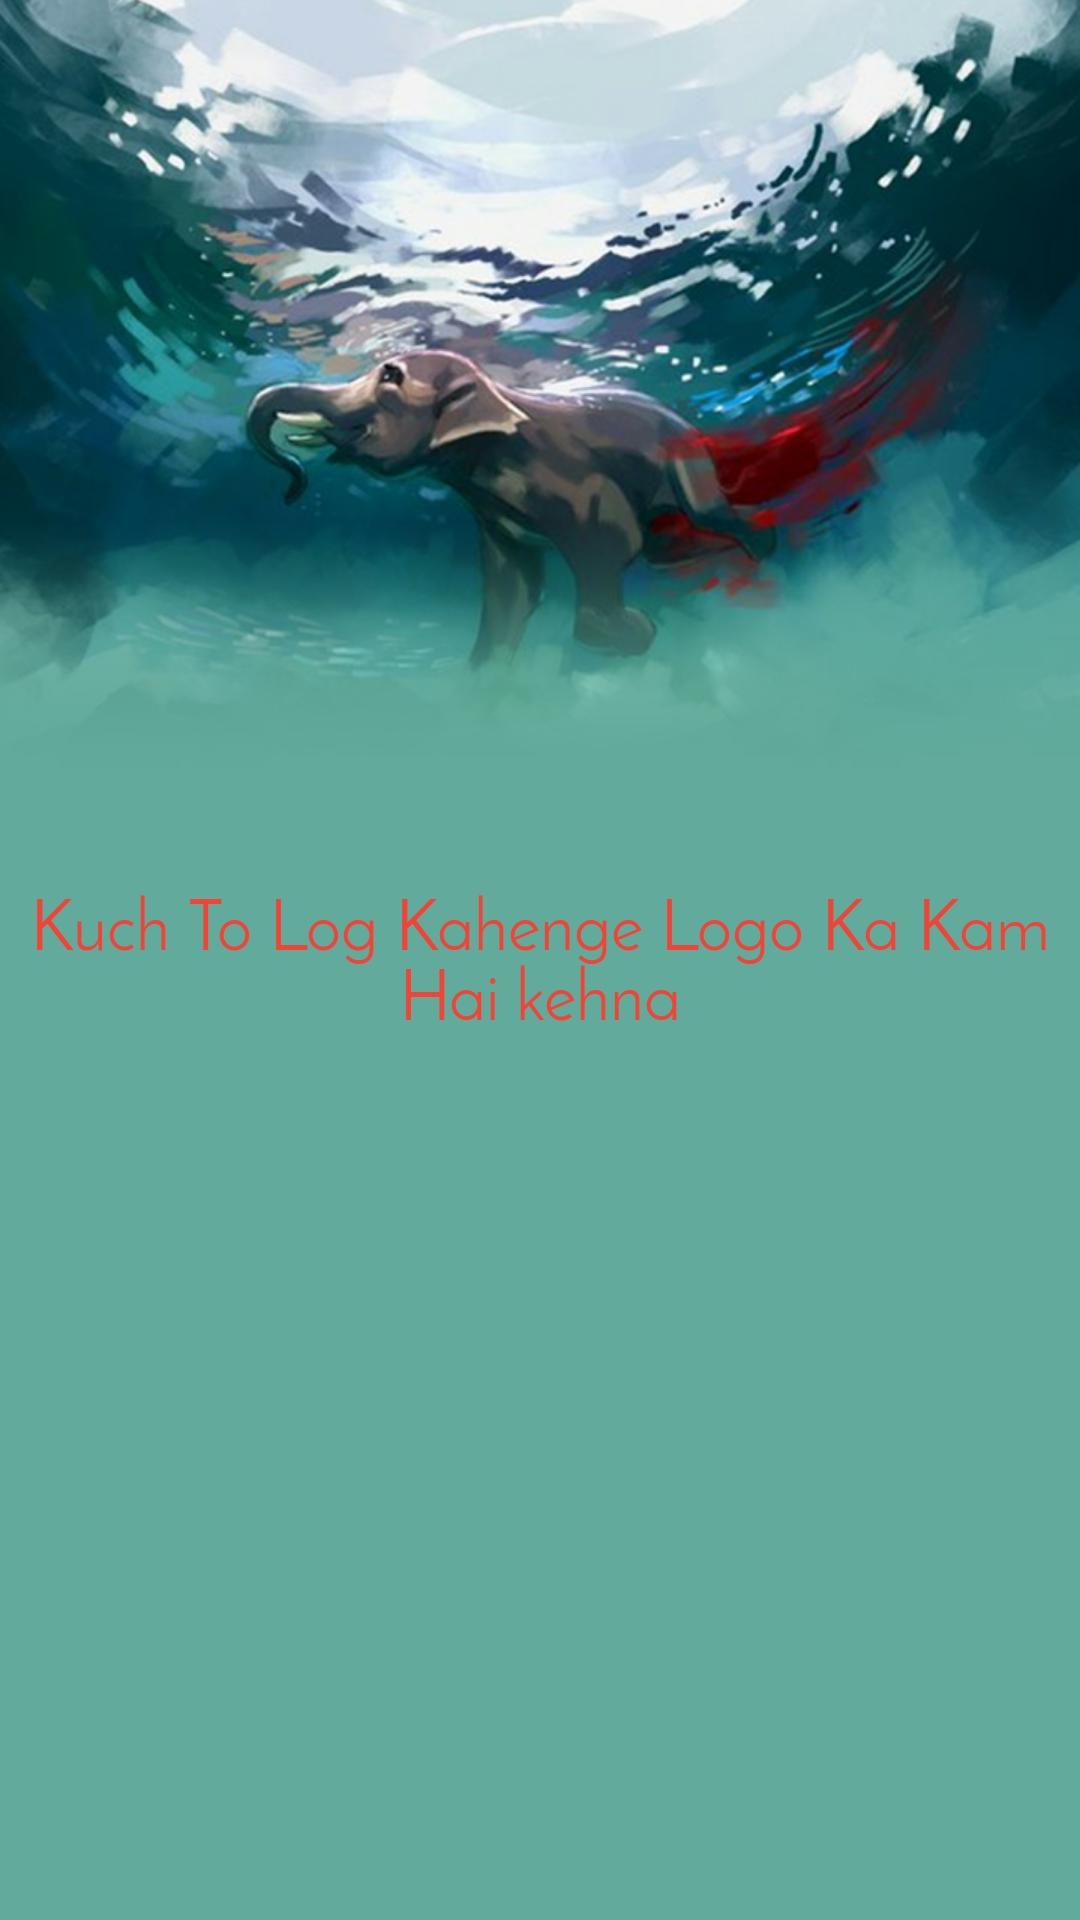 Kuch To Log Kahenge Logo Ka Kam Hai kehna